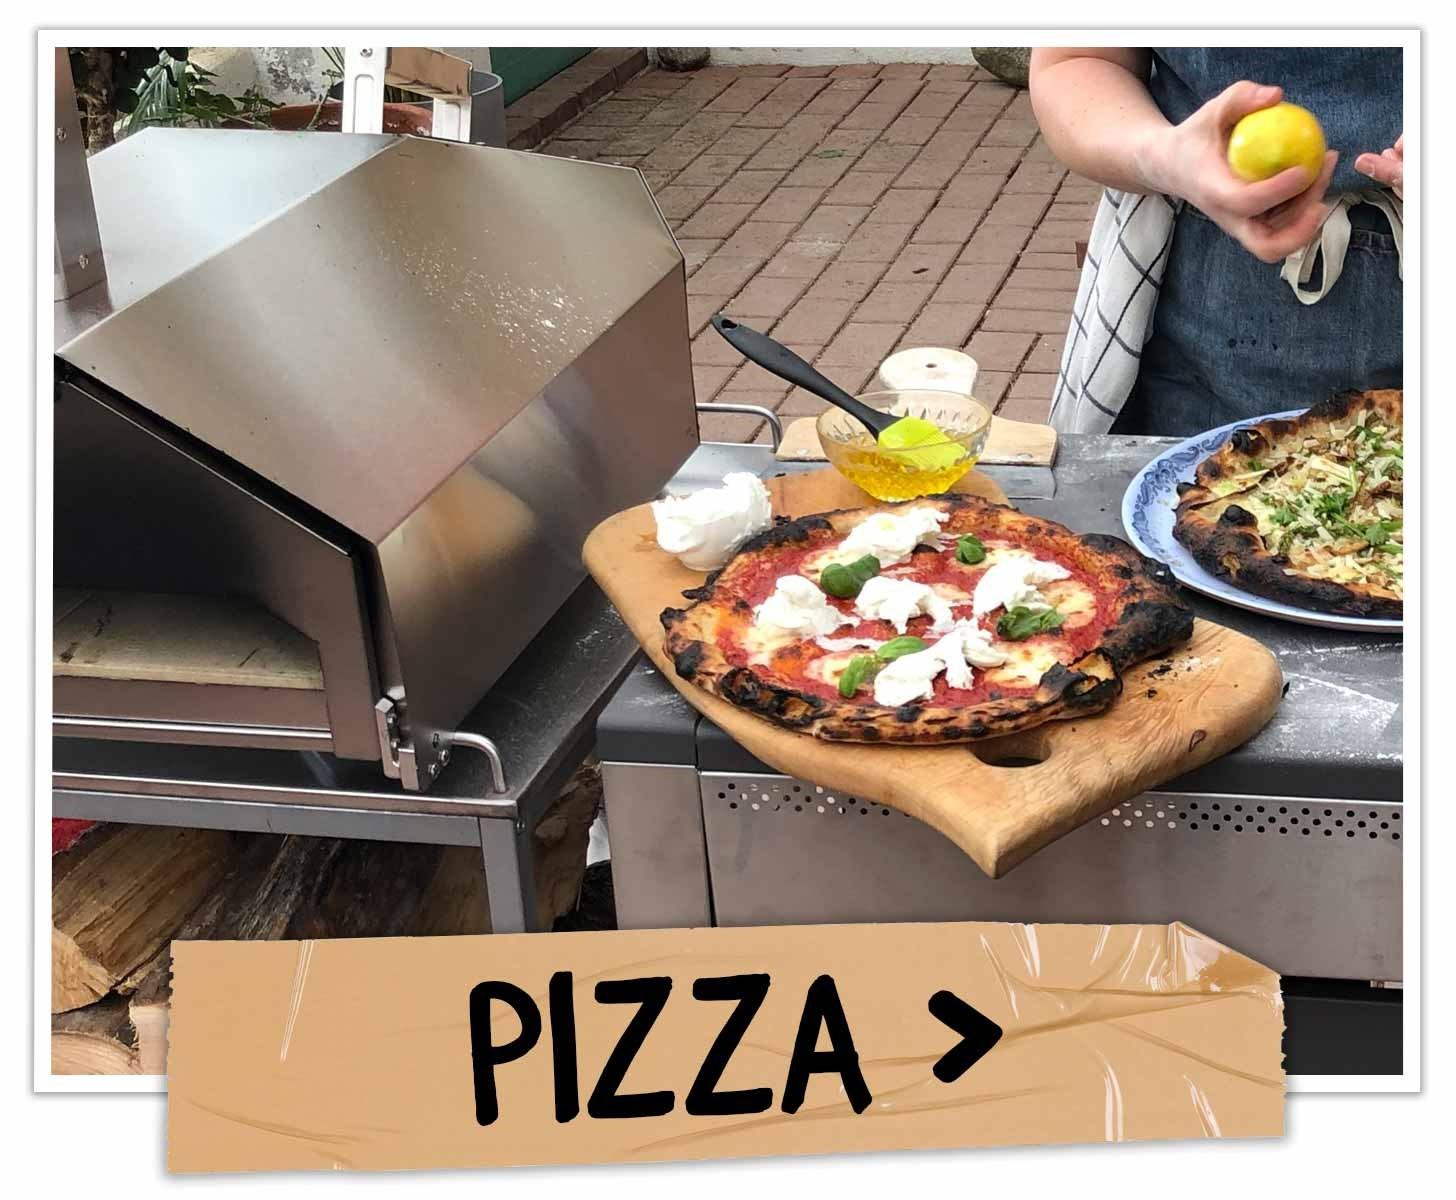 netonnet allt om pizza på grillen